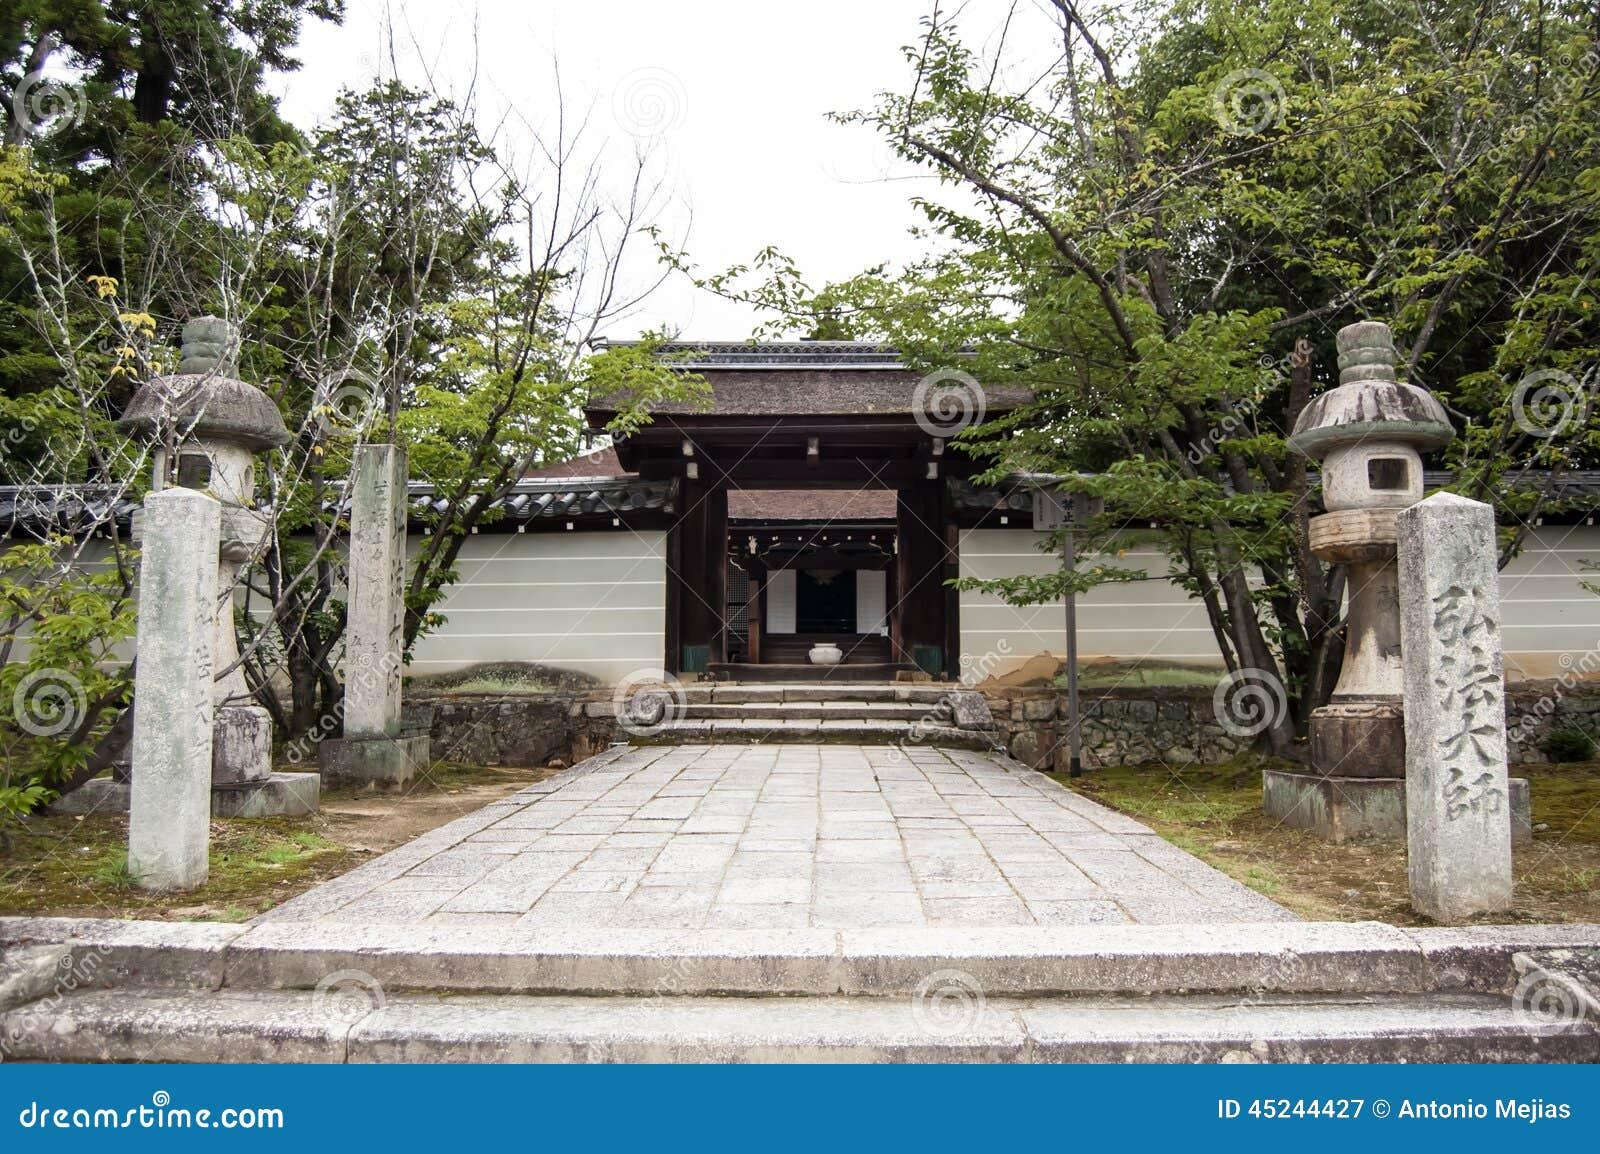 entr e de maison japonaise photo stock image 45244427. Black Bedroom Furniture Sets. Home Design Ideas